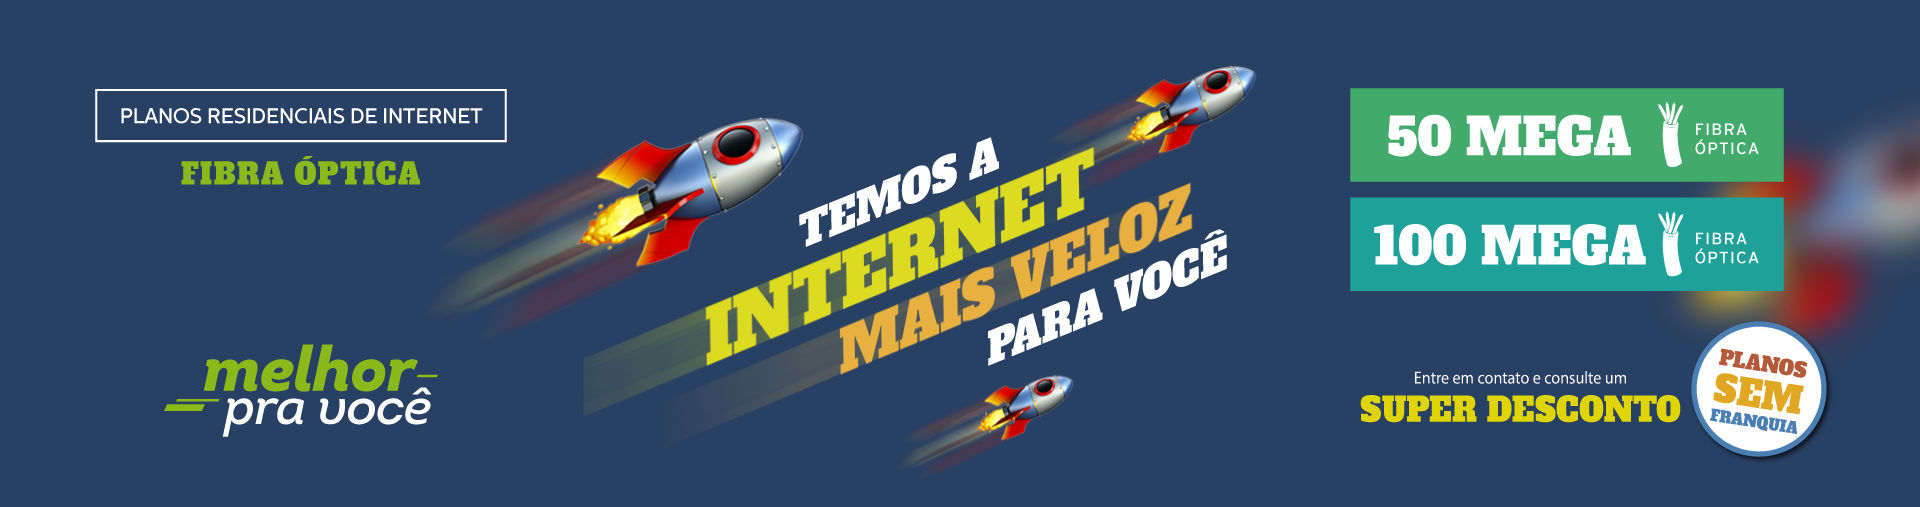 Temos a Internet mais veloz para você - Fibra Óptica